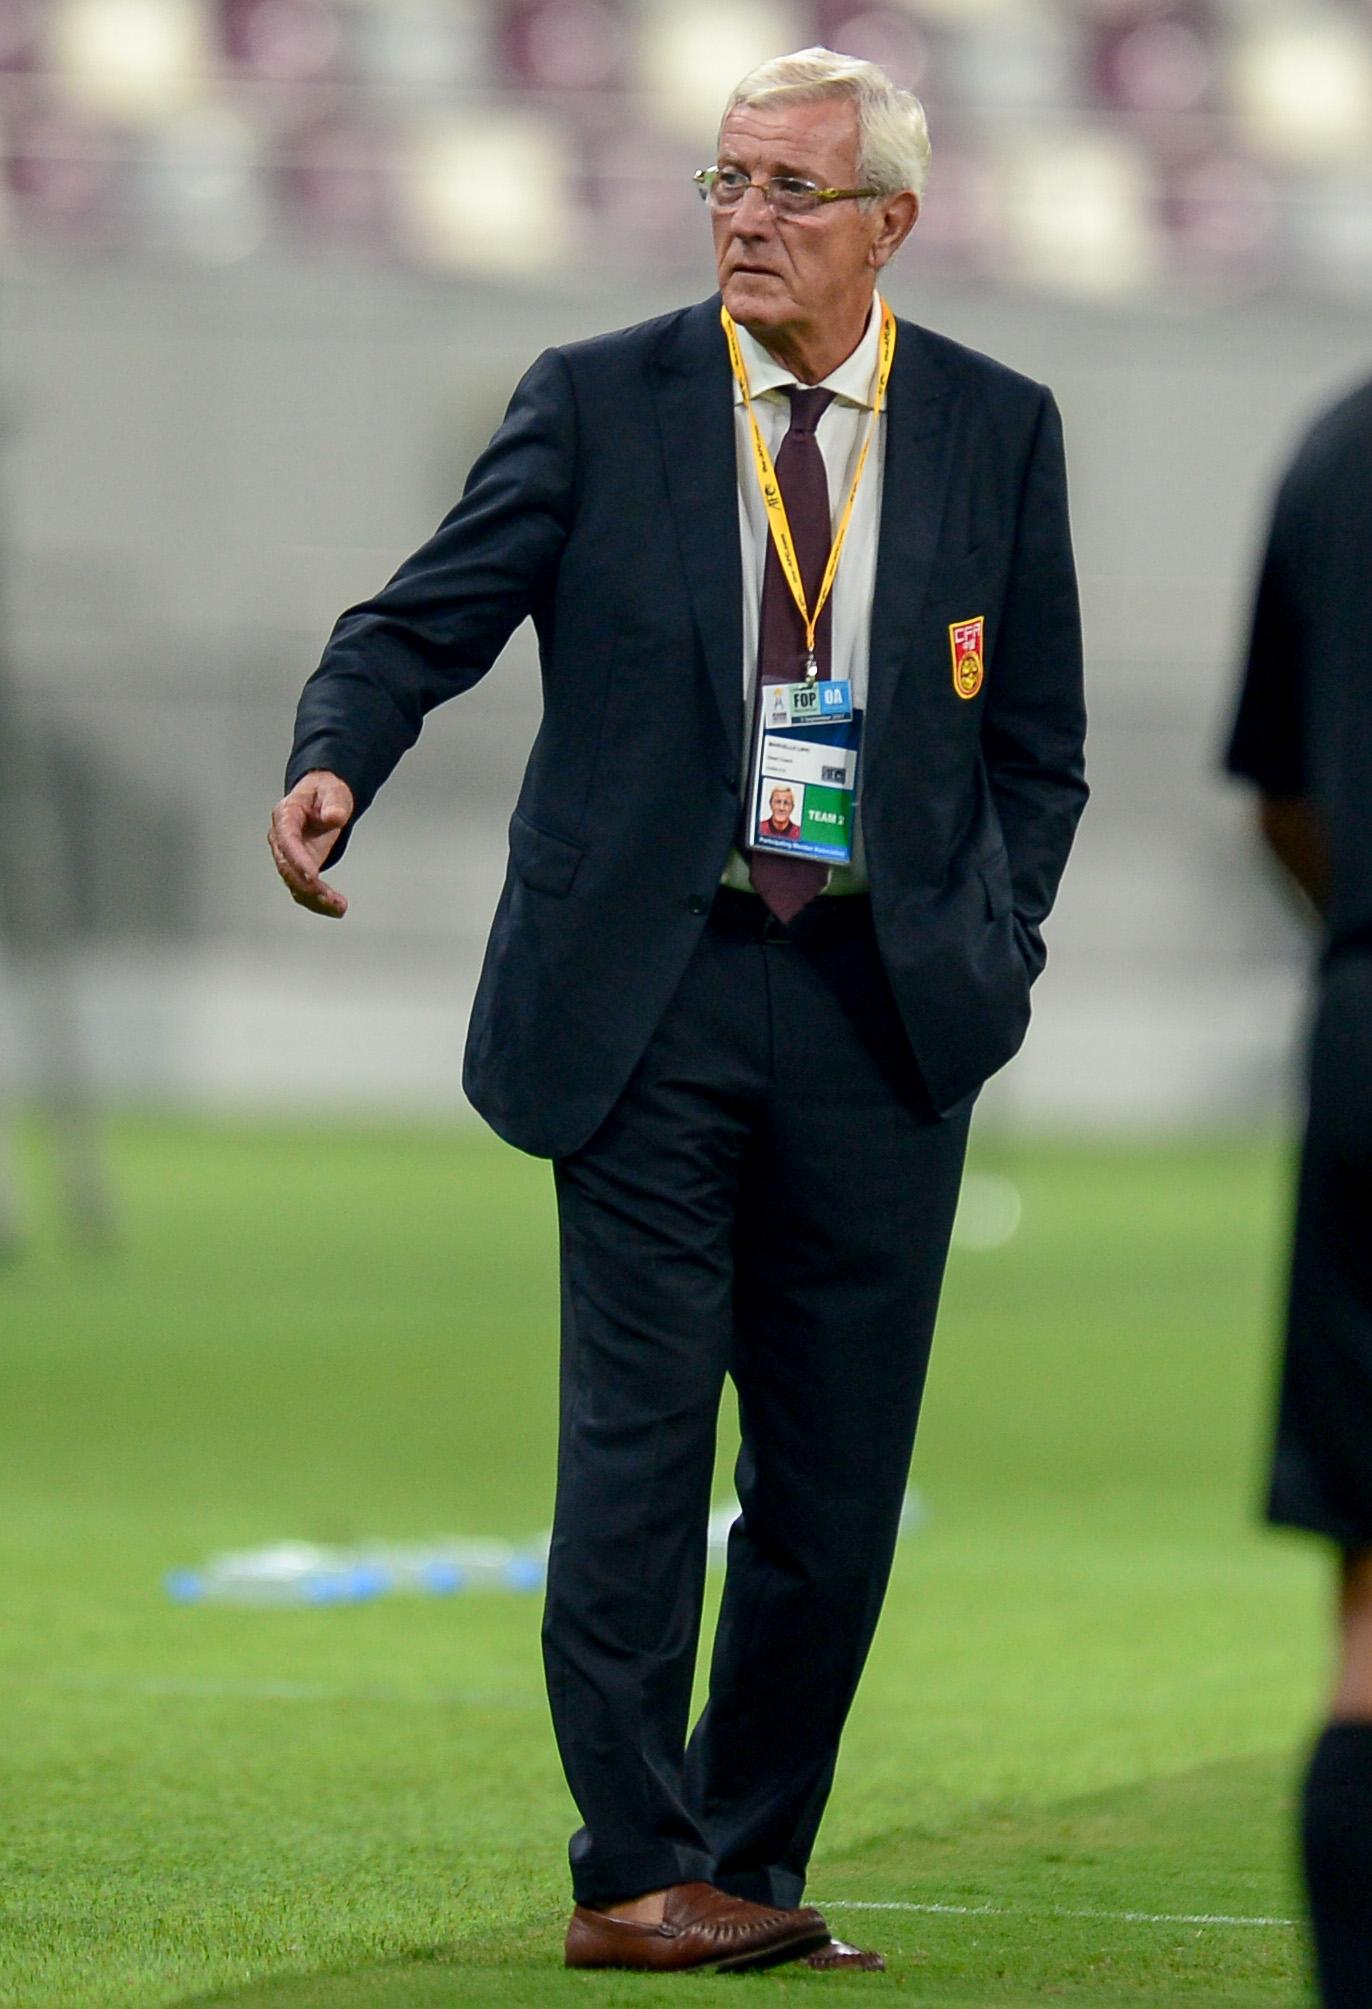 中國隊主教練里皮在場邊觀戰。(新華社)